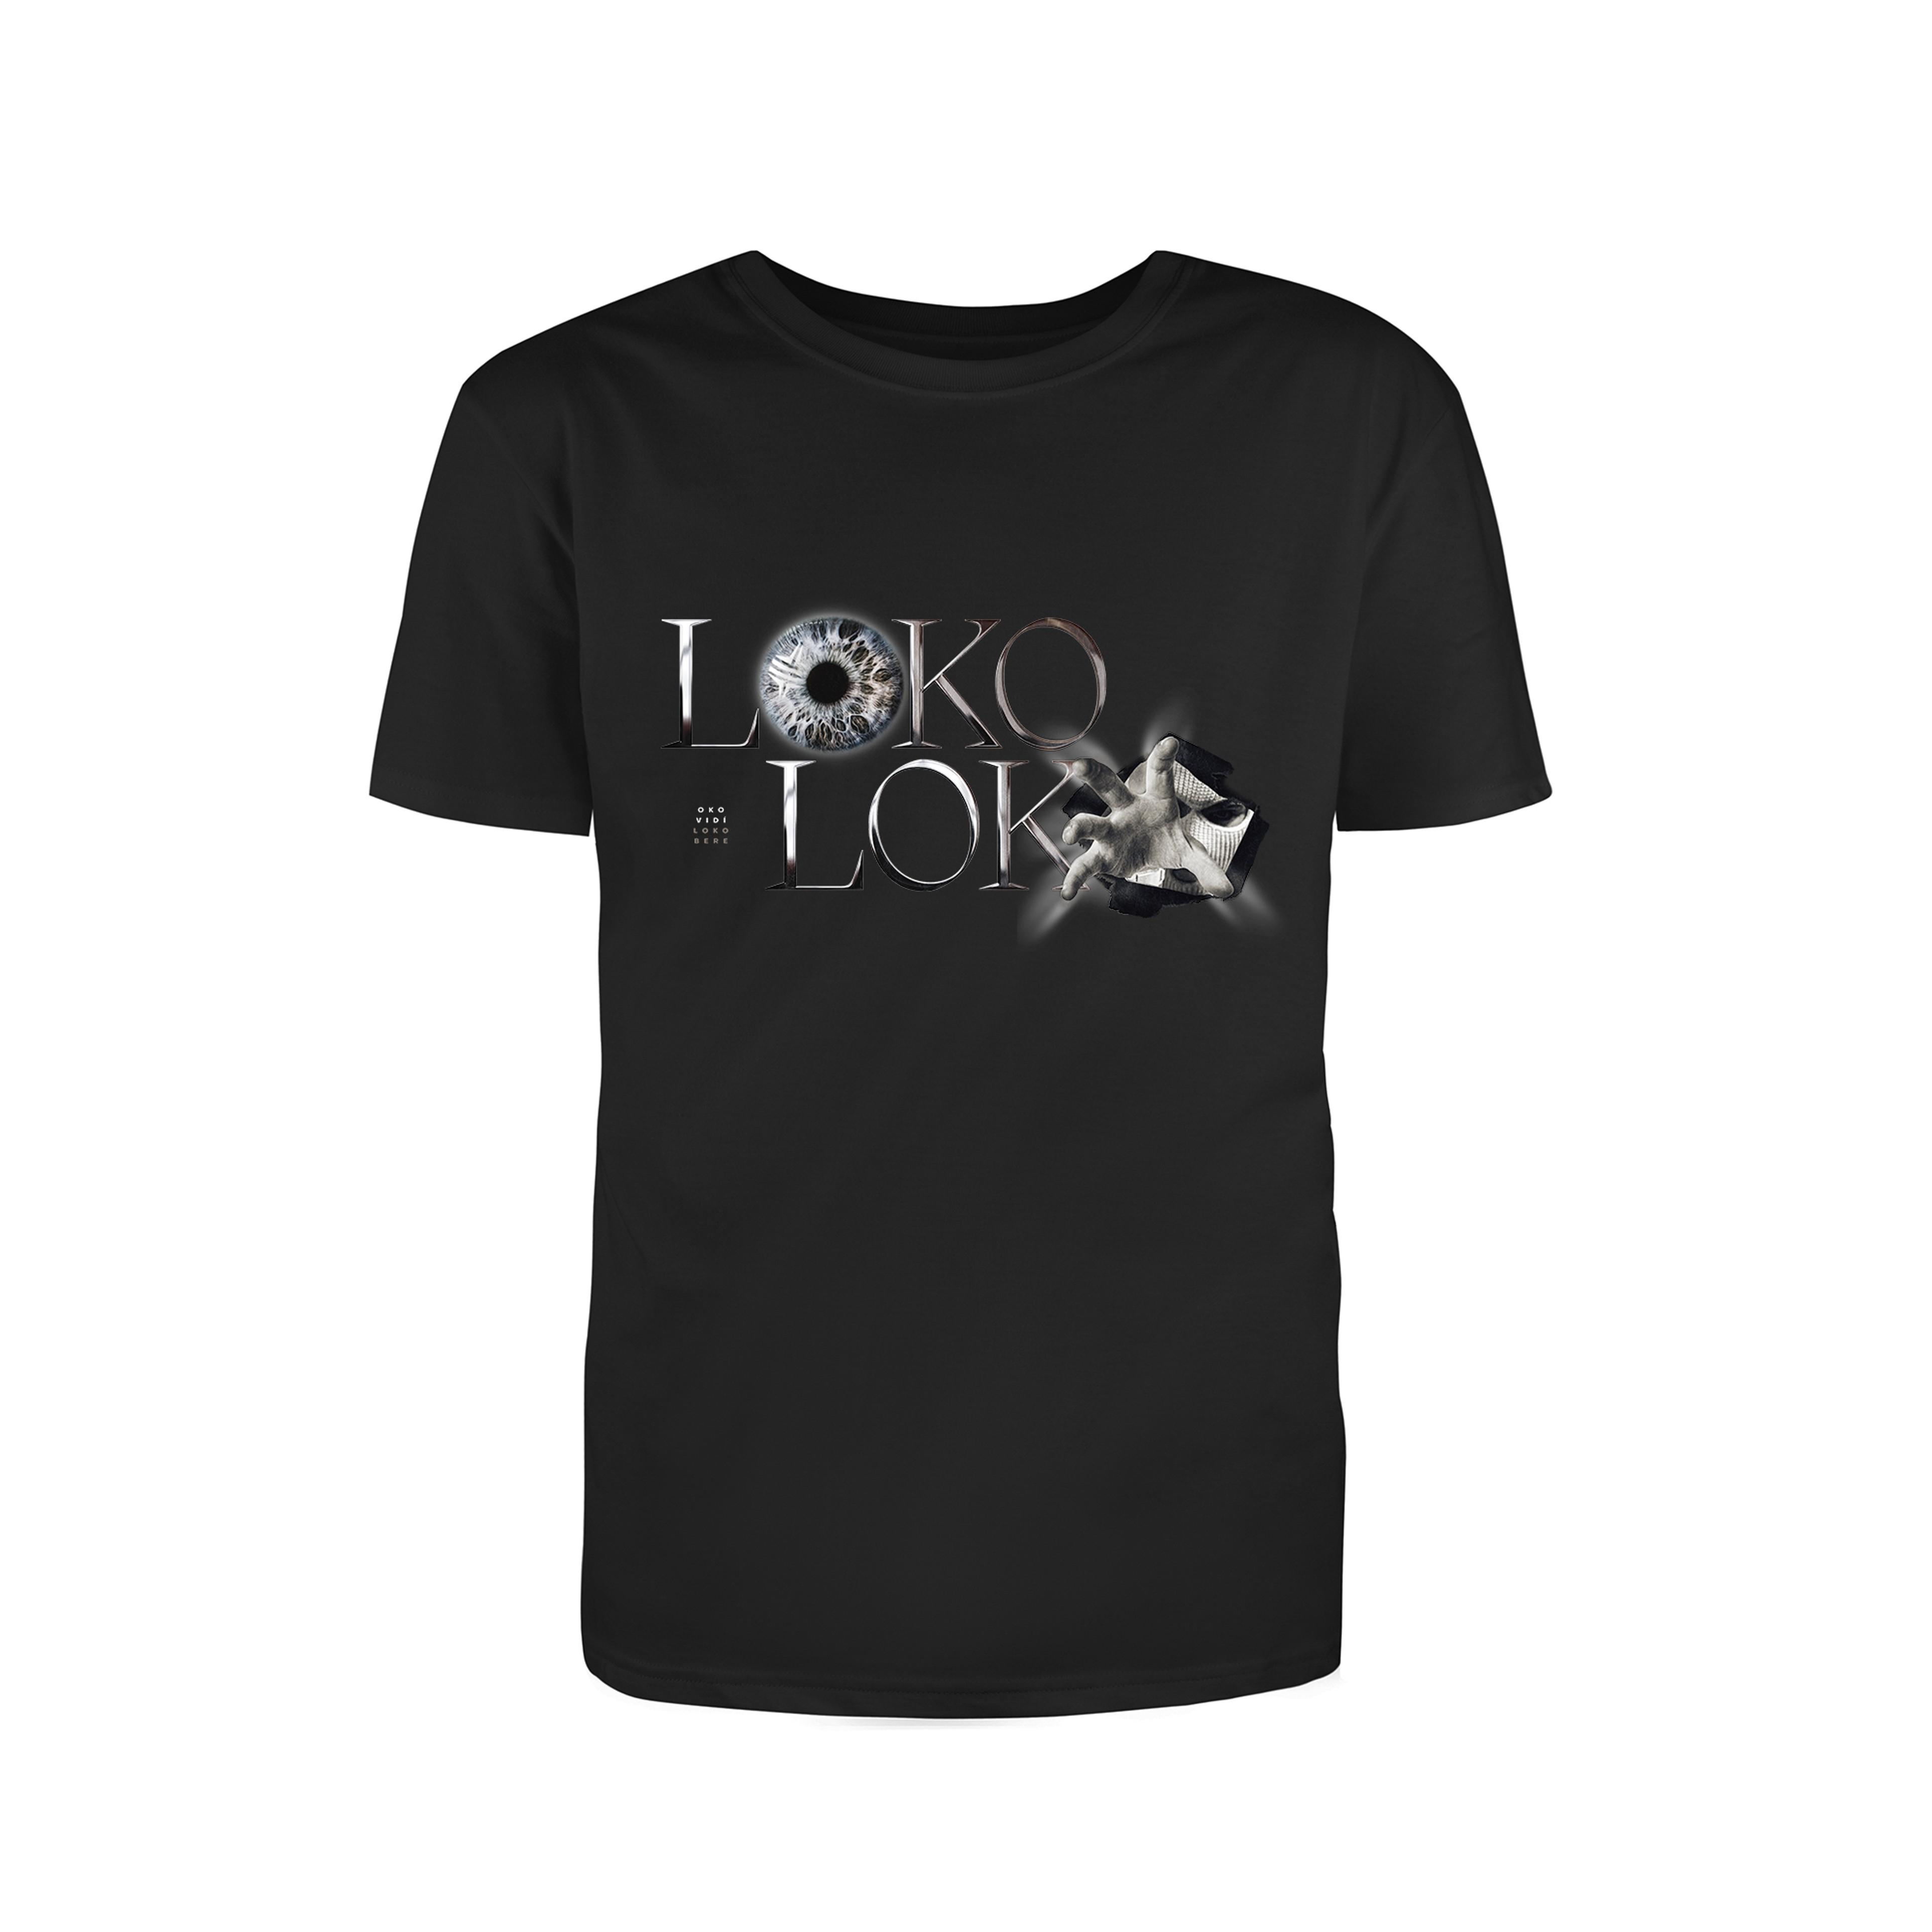 Loko Loko - Tričko Loko Bere - Muž, Čierna, XXL